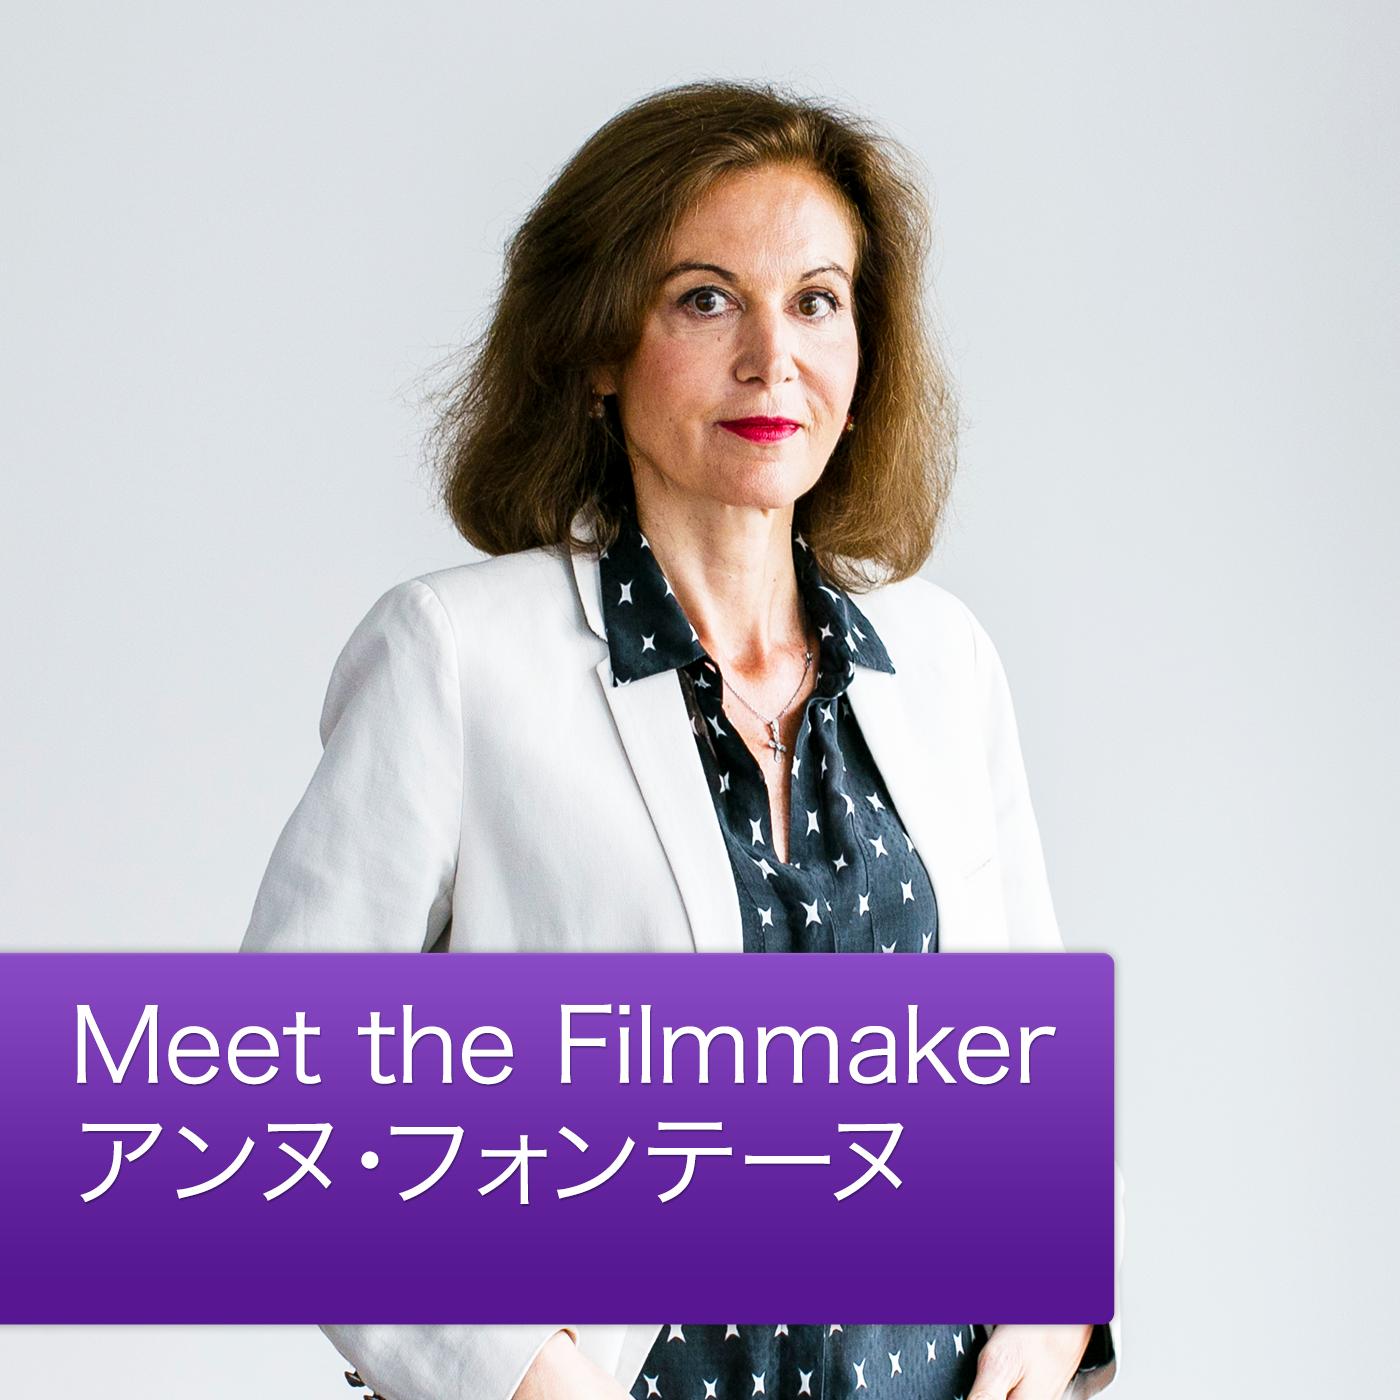 Meet the Filmmaker:アンヌ・フォンテーヌ